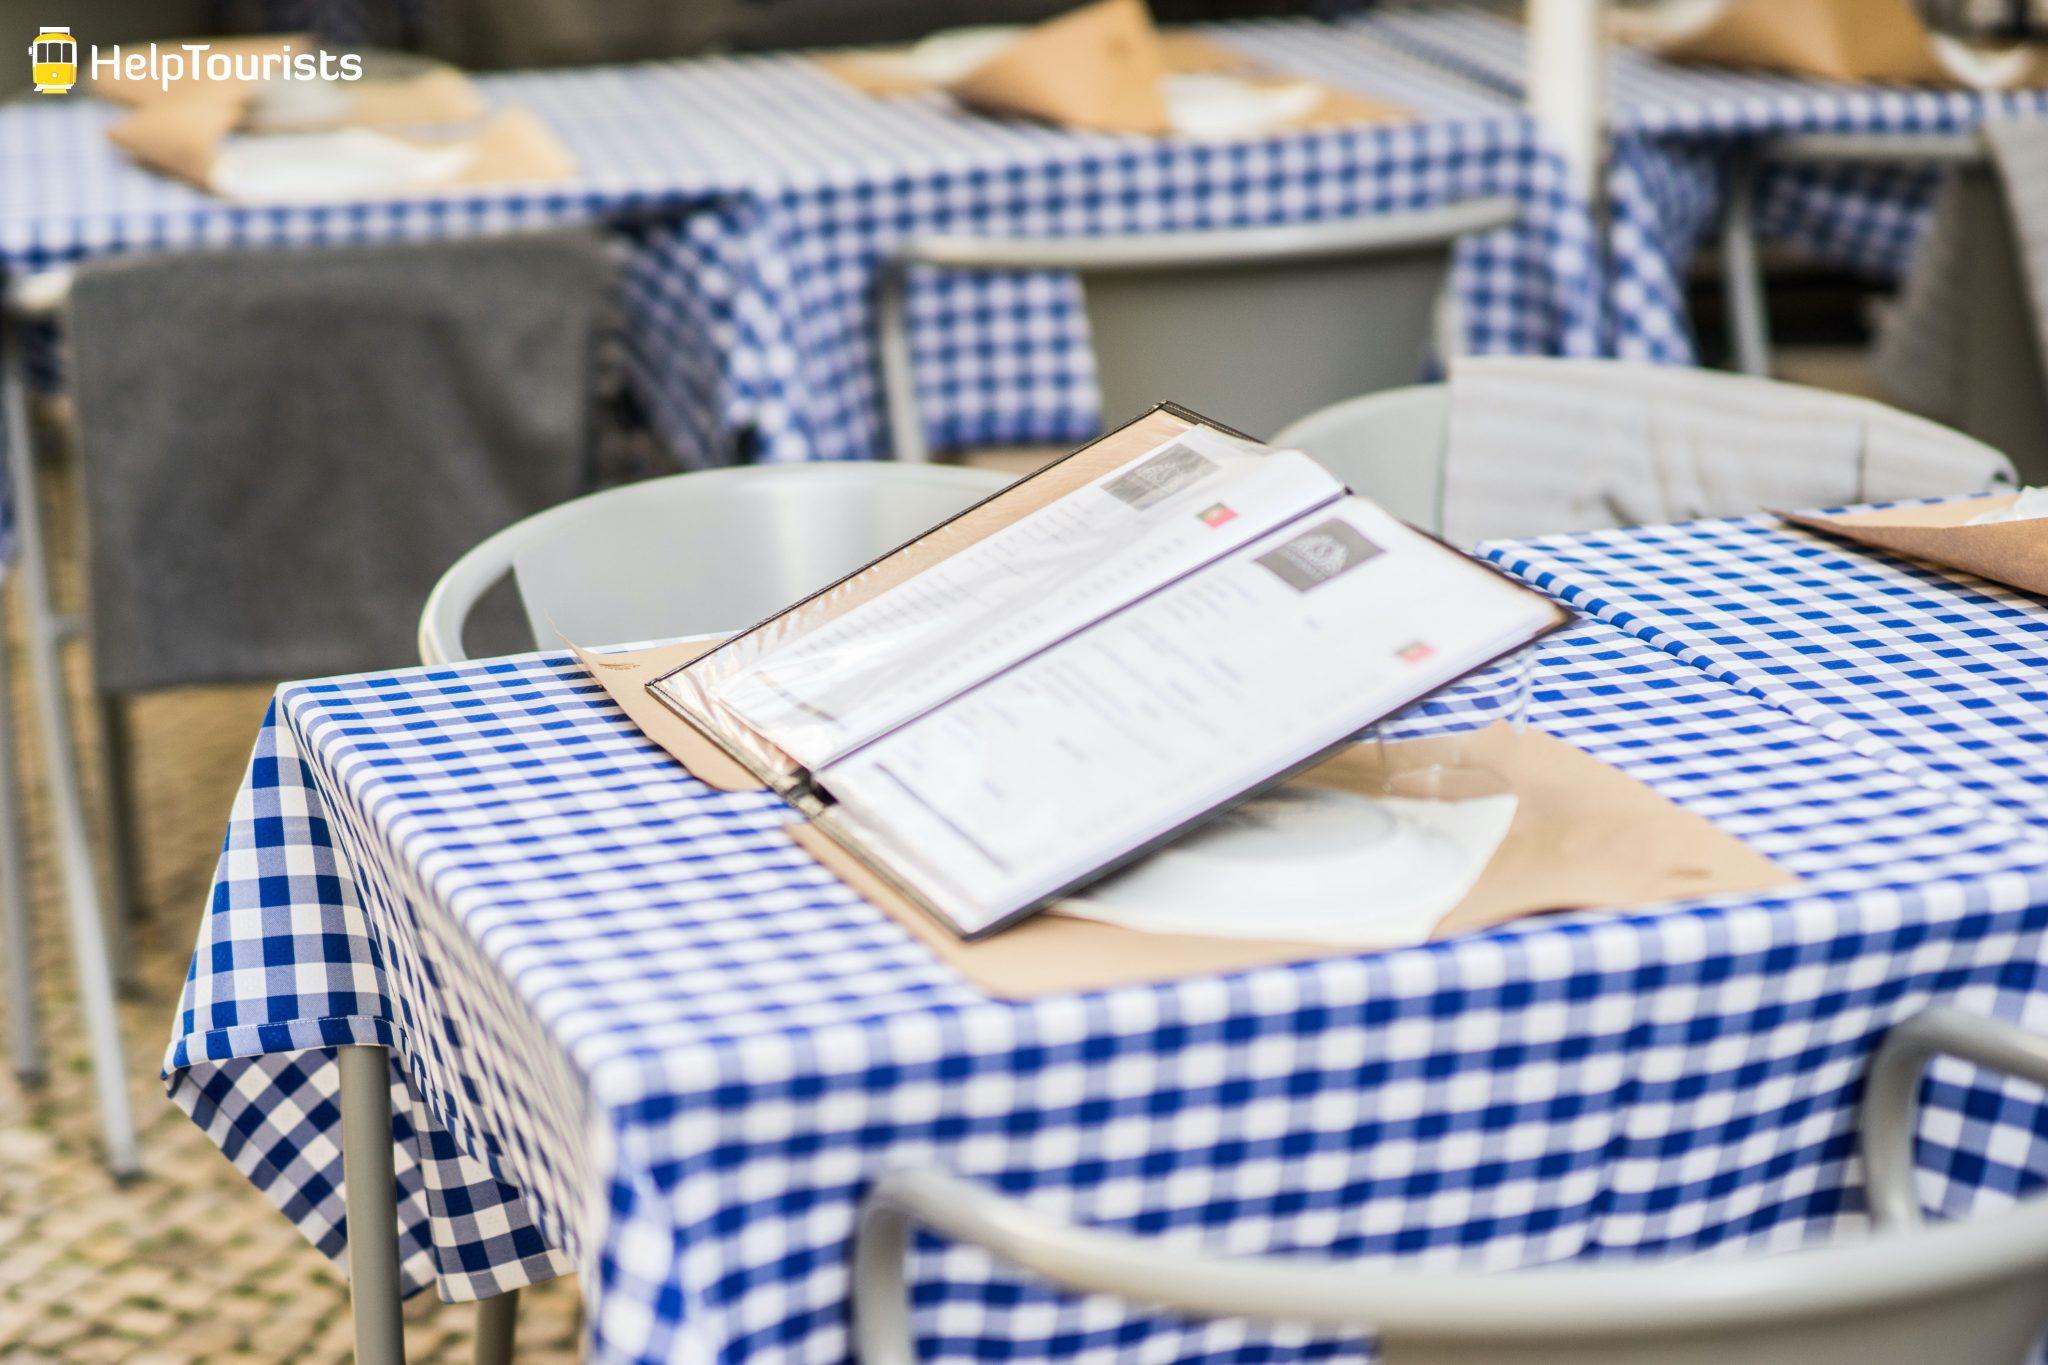 Lissabon_Restaurant_Tische_Speisekarte